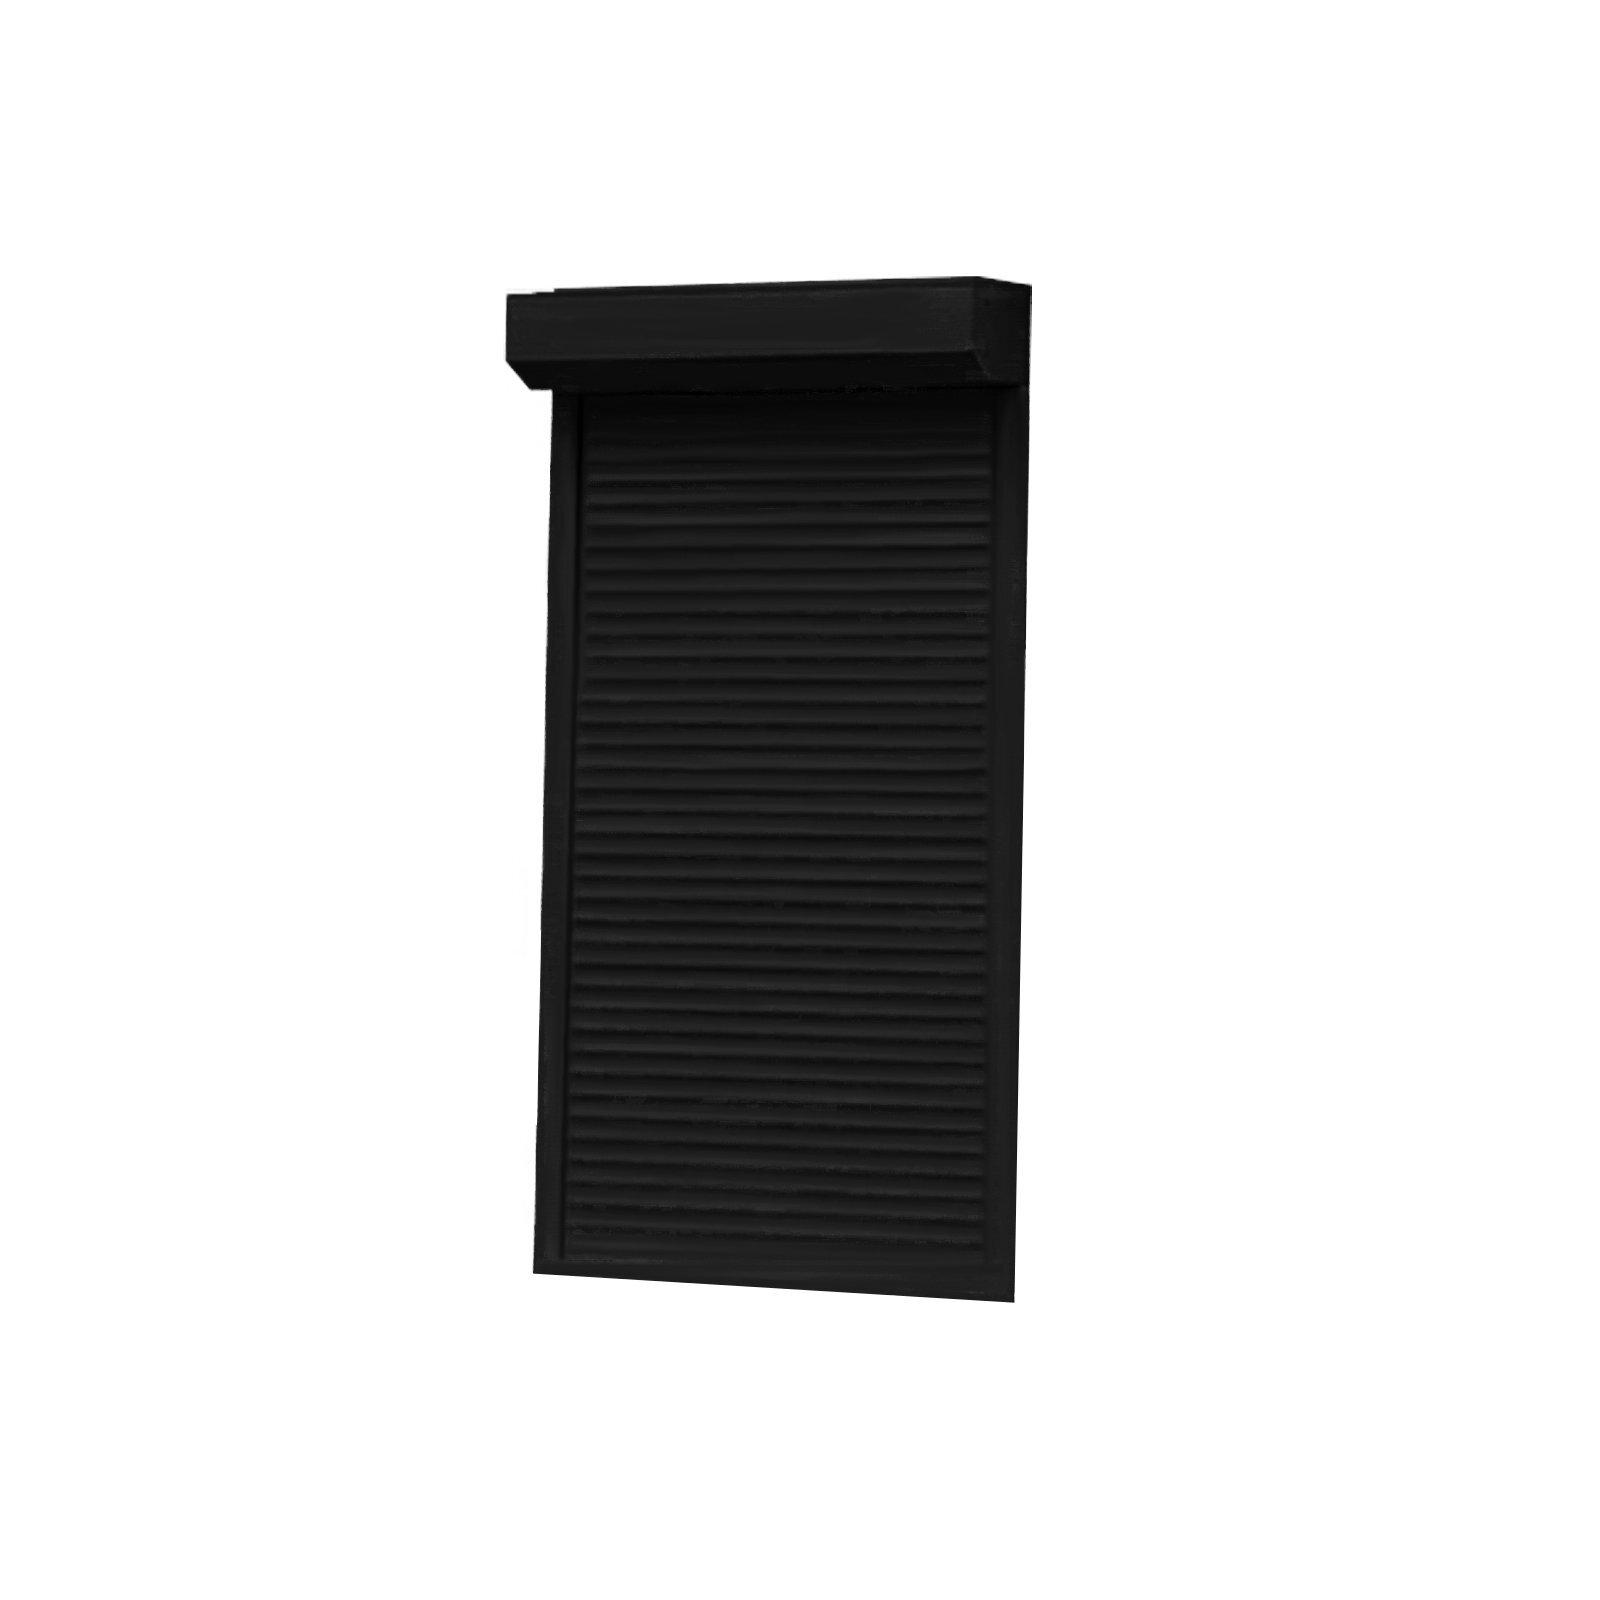 Everton 1000-1200 x 1601-1800mm On-Wall Battery Roller Shutter